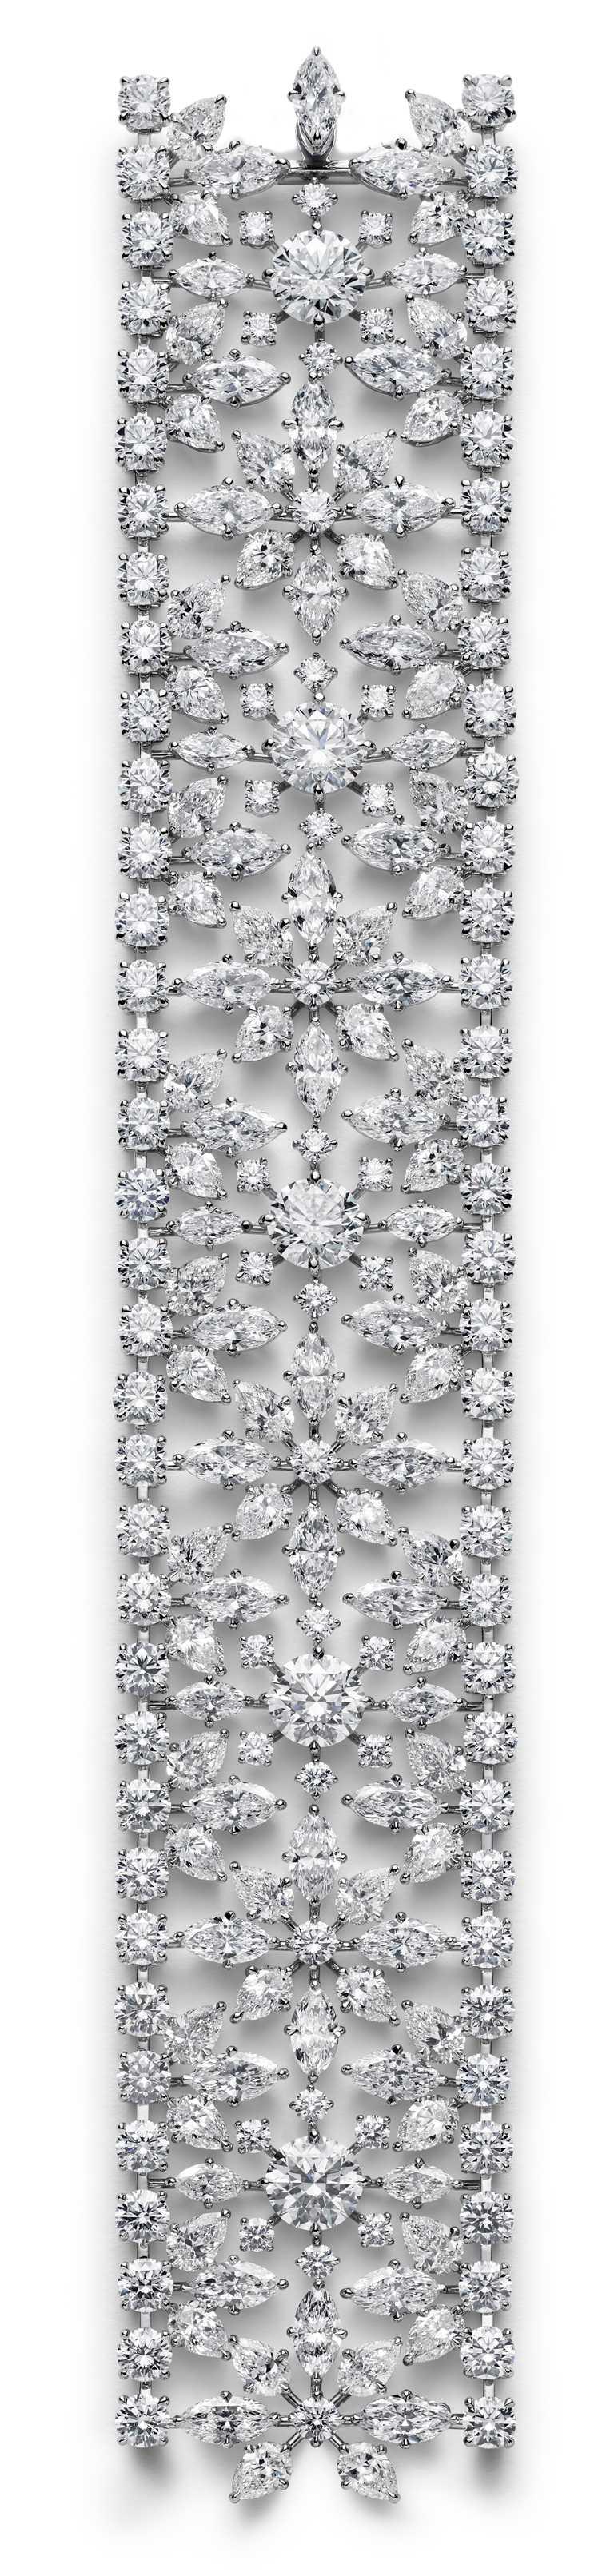 Chopard高級珠寶系列,18K白金手鍊,鑲嵌50.8克拉鑽石。(圖╱Chopard提供)